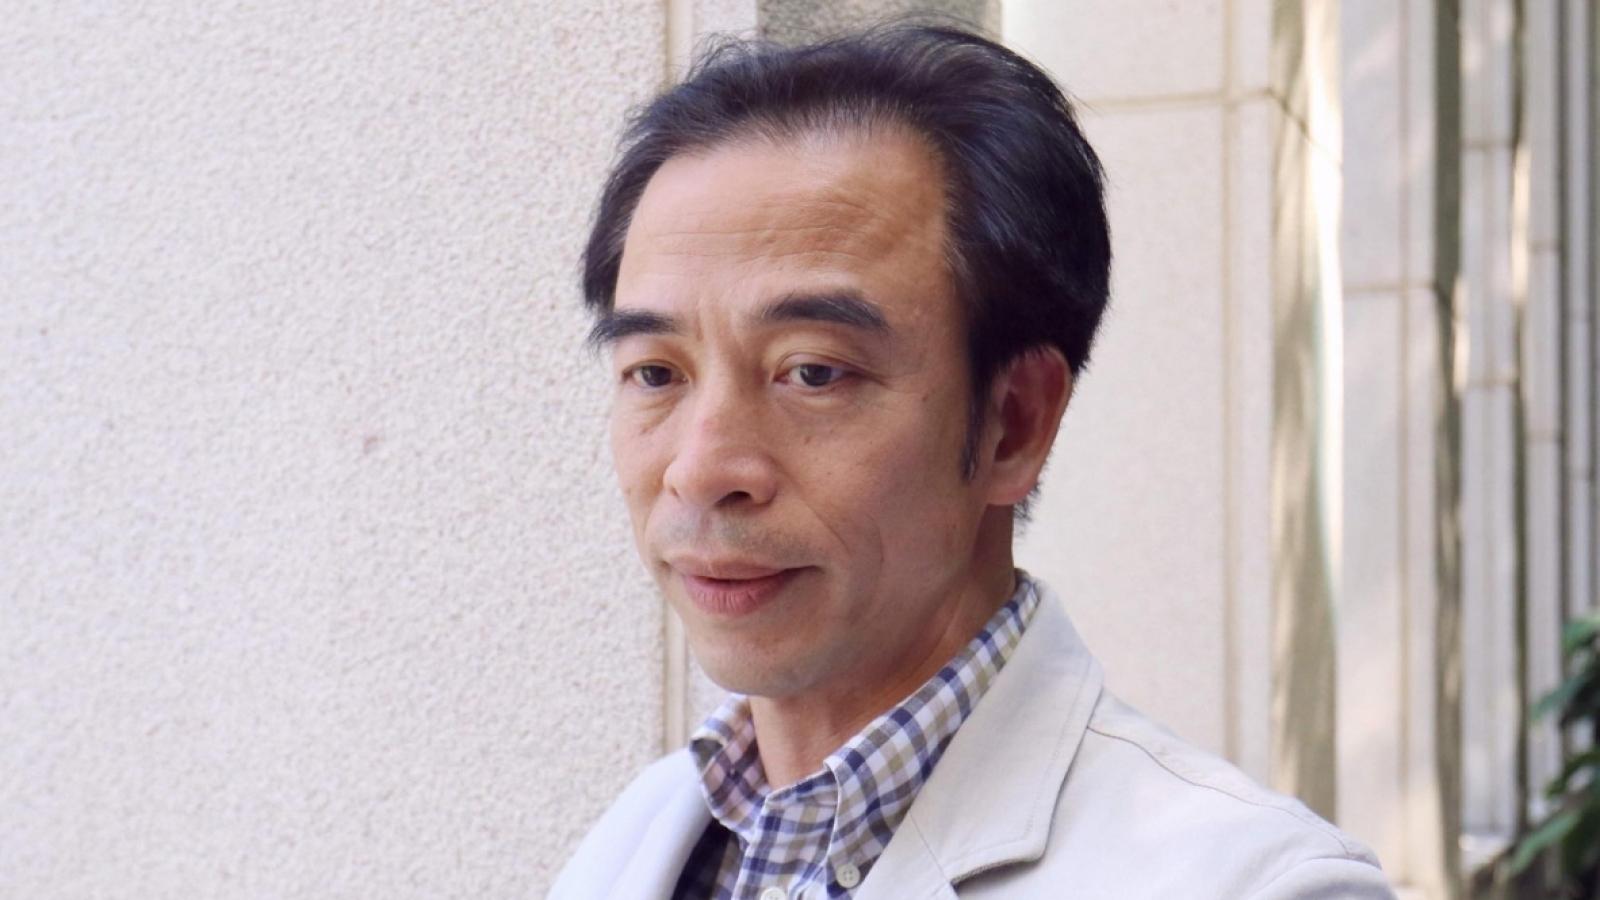 Nóng 24h: Vì sao Giám đốc Bệnh viện Bạch Mai Nguyễn Quang Tuấn bị khởi tố?